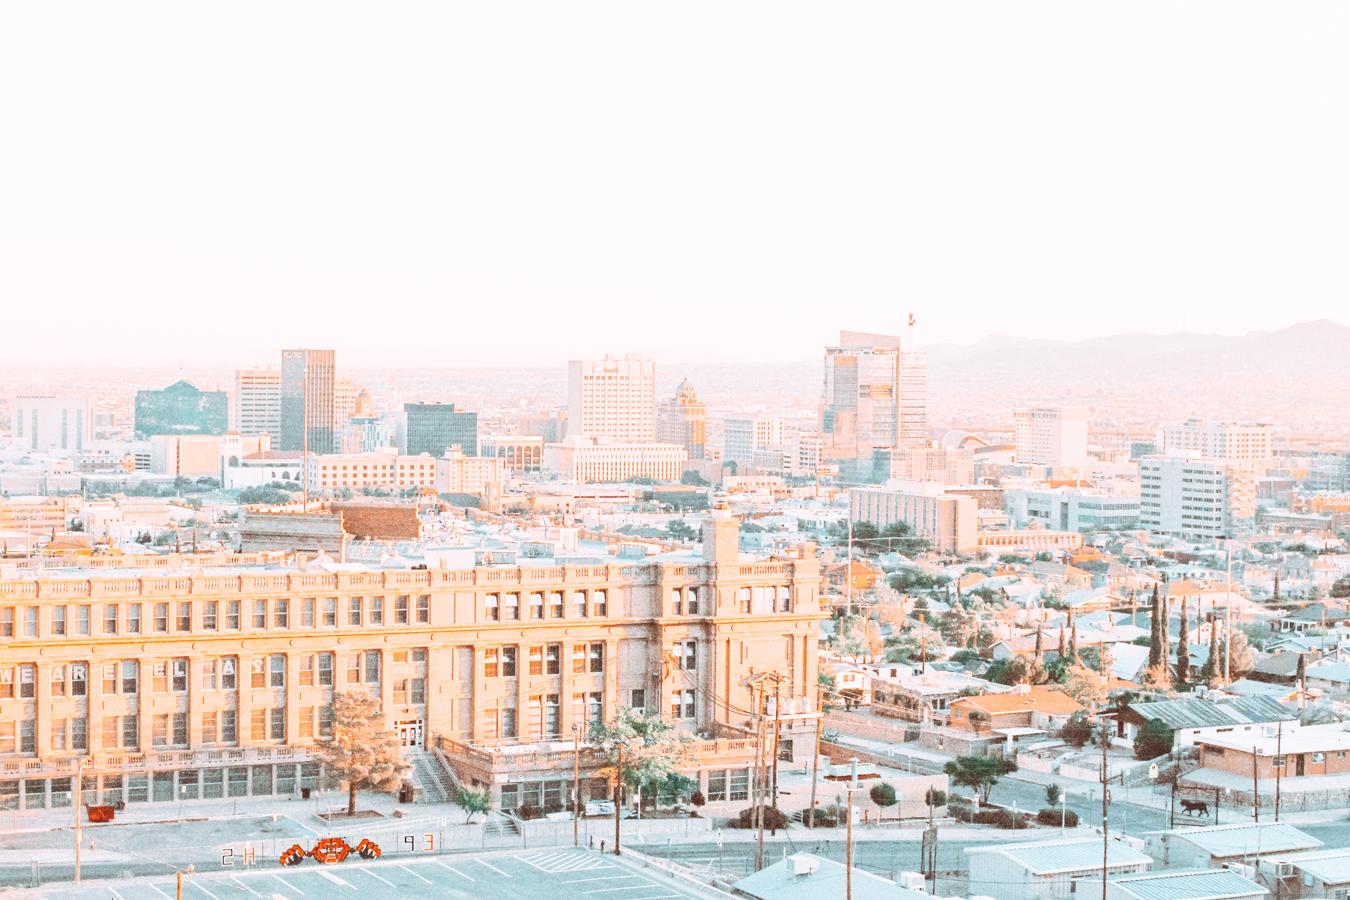 Buildings in El Paso